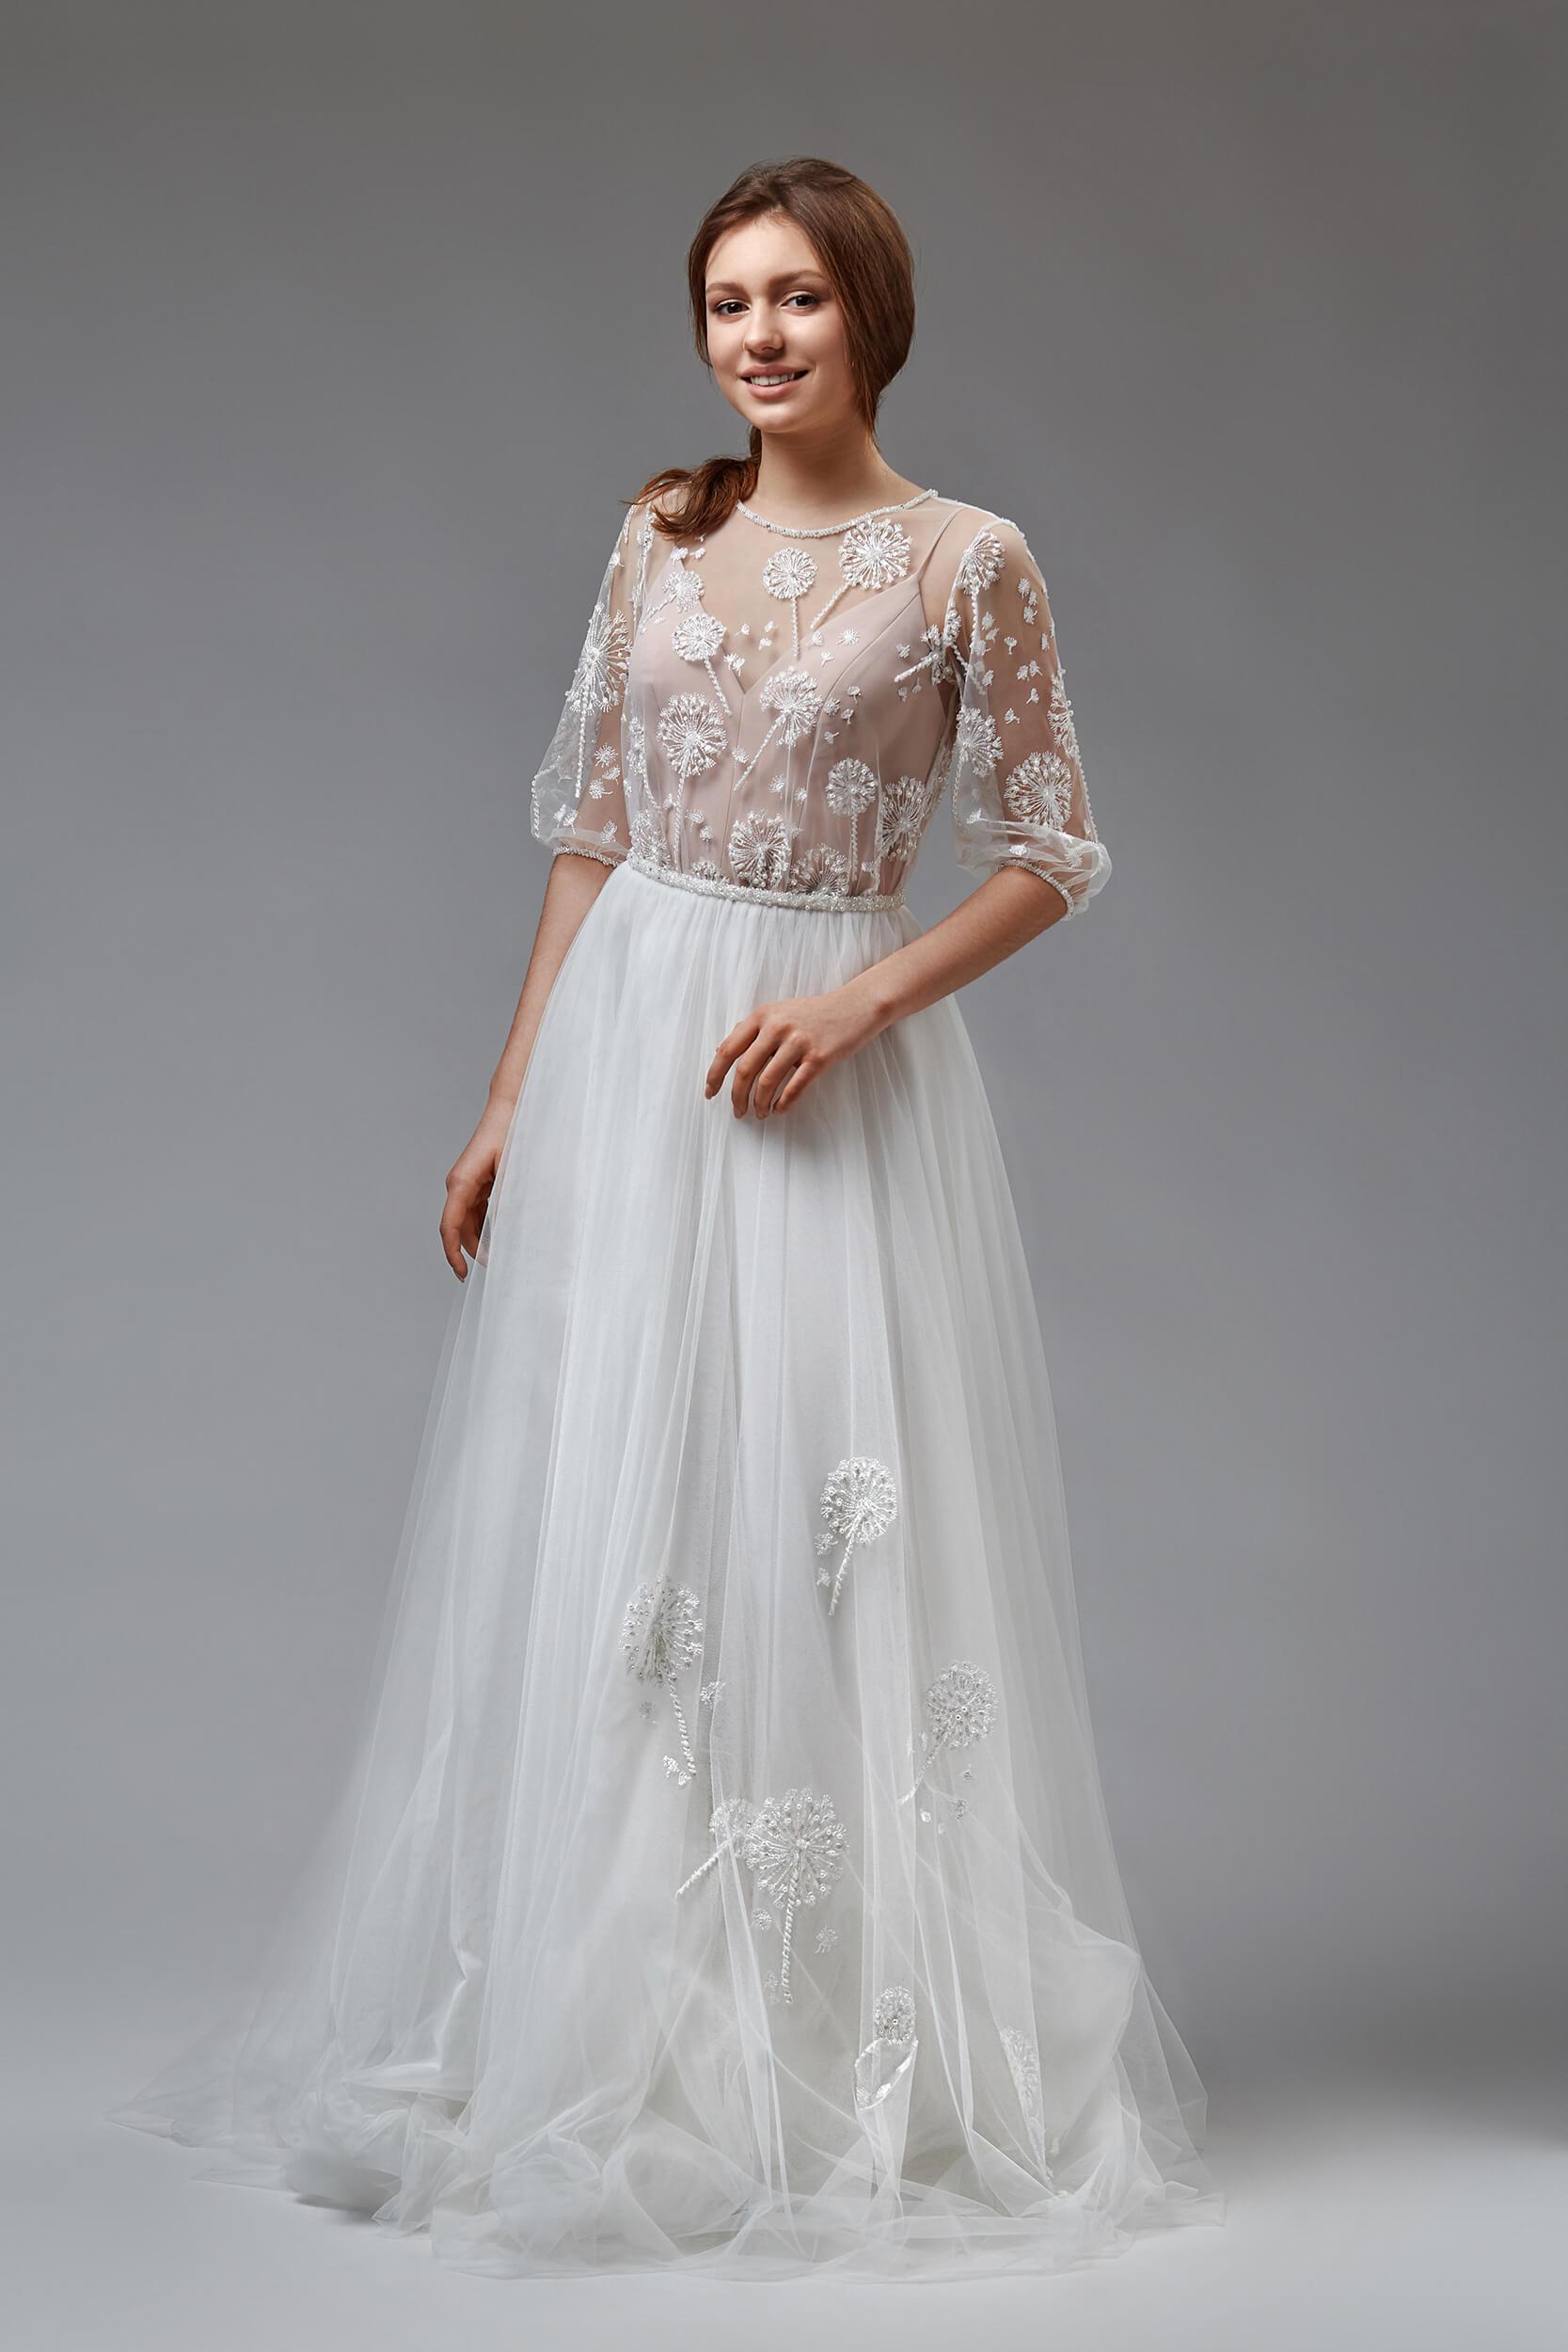 самые шикарные свадебные платья(1) | Vero